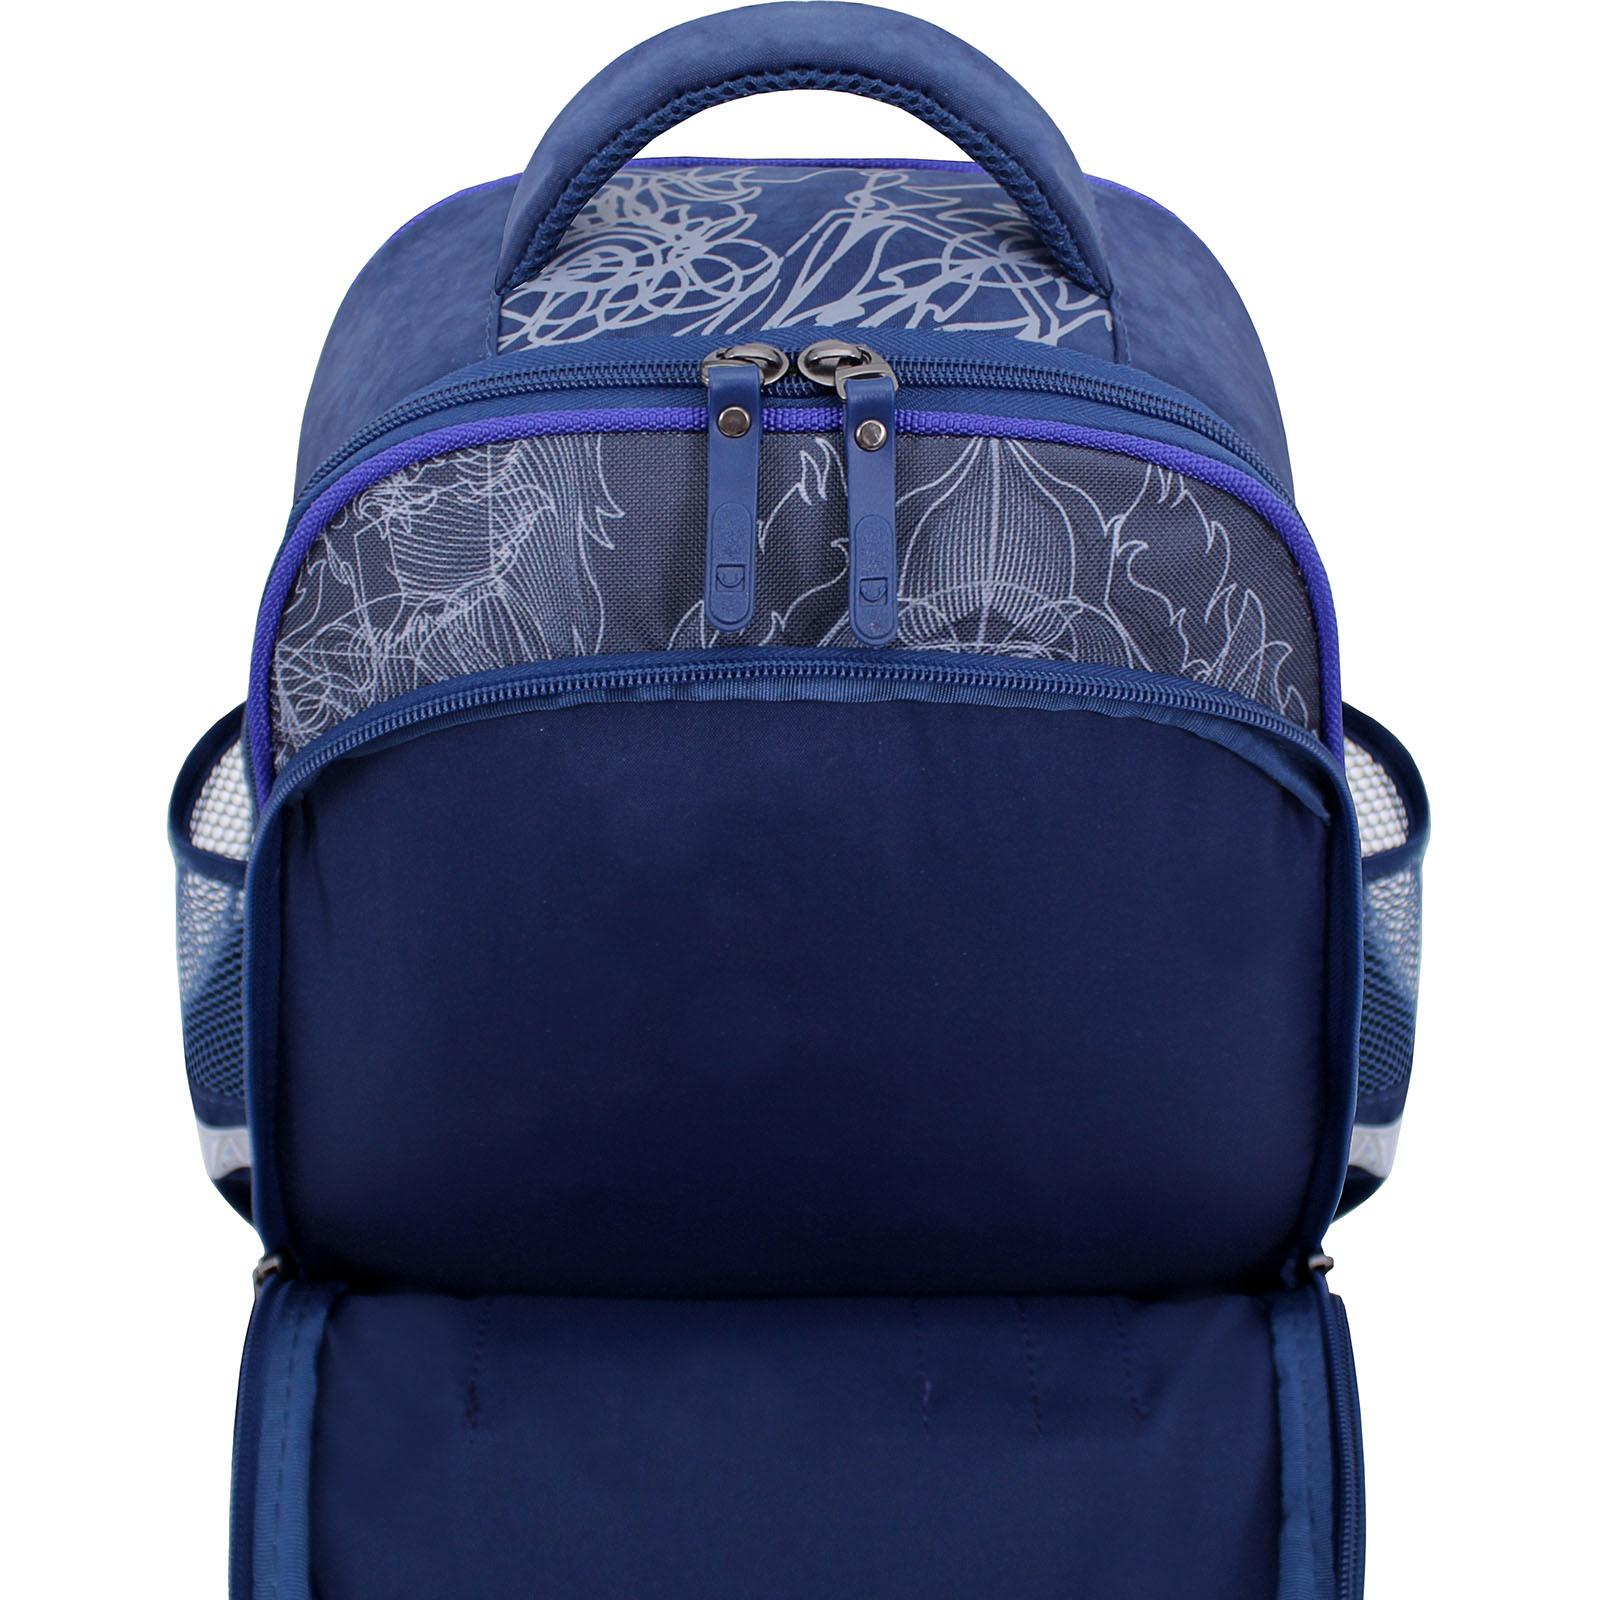 Рюкзак школьный Bagland Mouse 225 синий 506 (0051370) фото 5